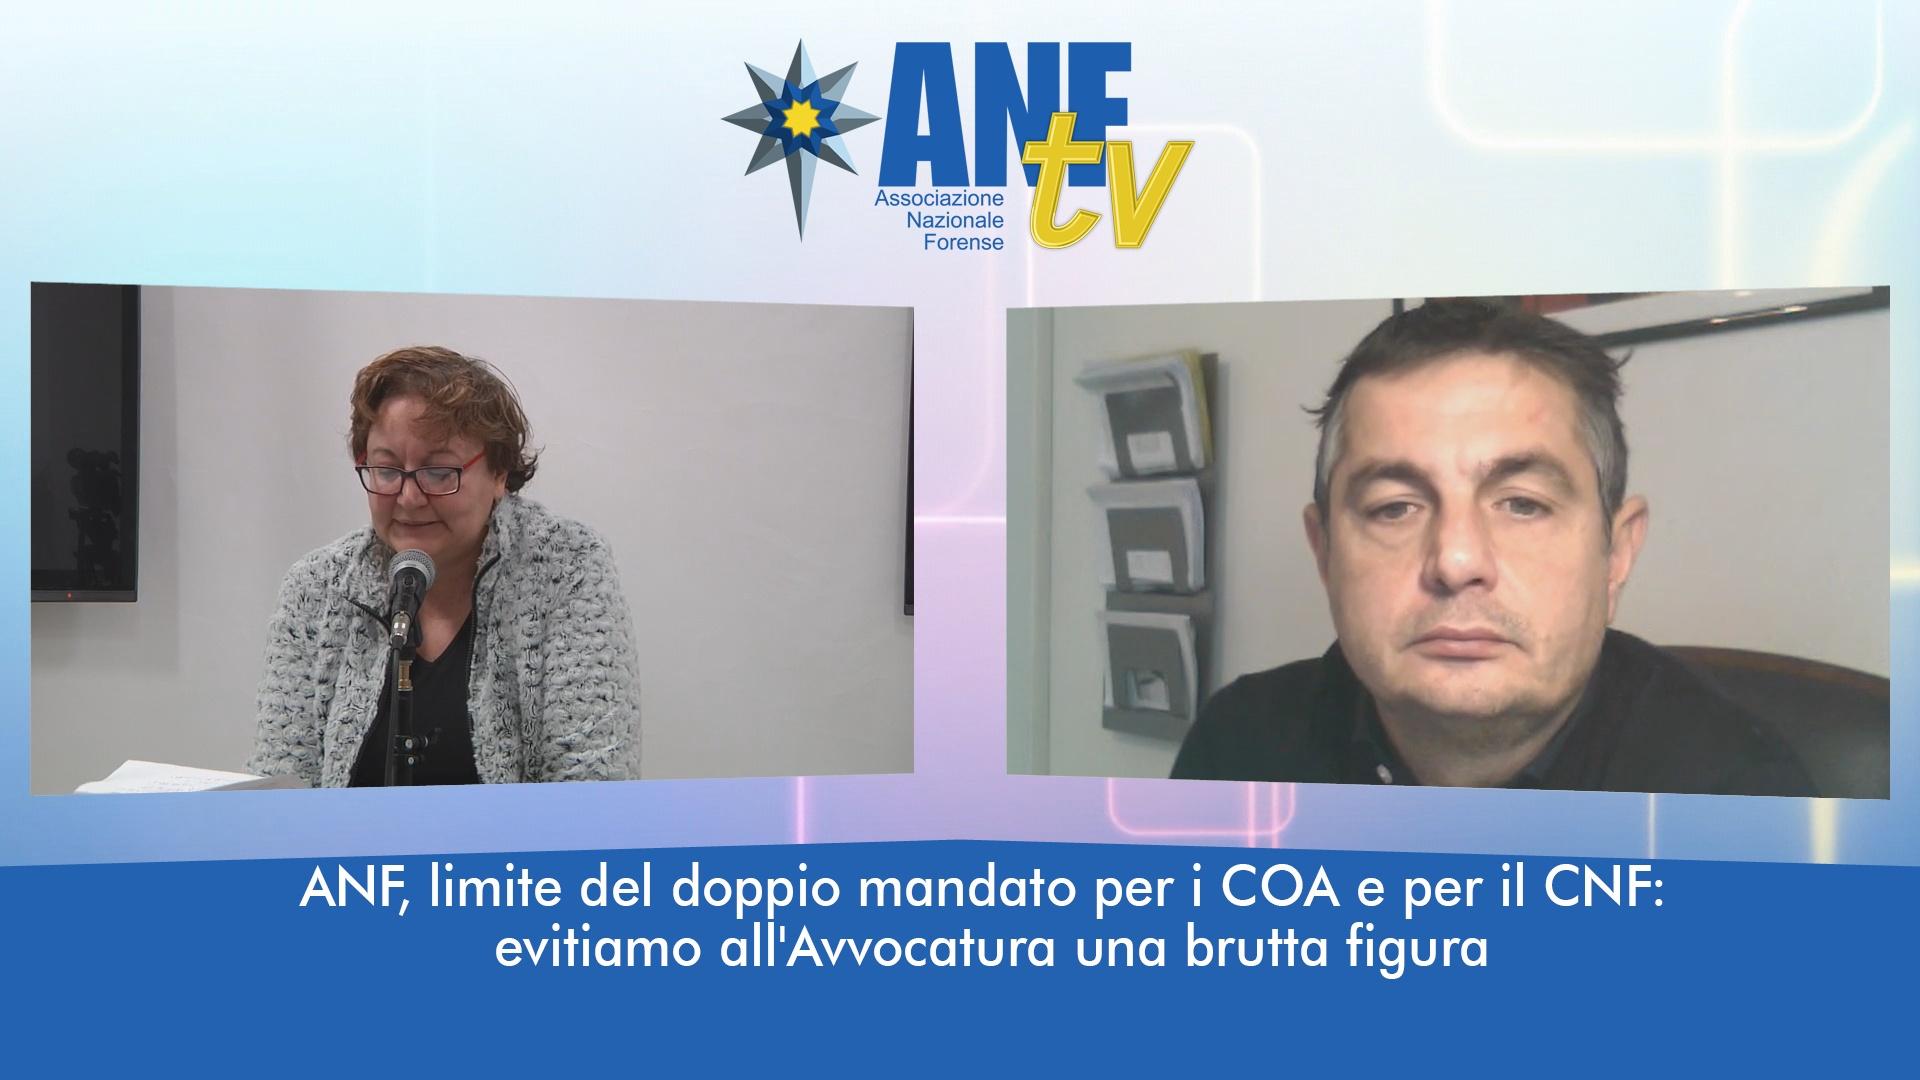 ANF, limite del doppio mandato per i COA e per il CNF: evitiamo all'Avvocatura una brutta figura